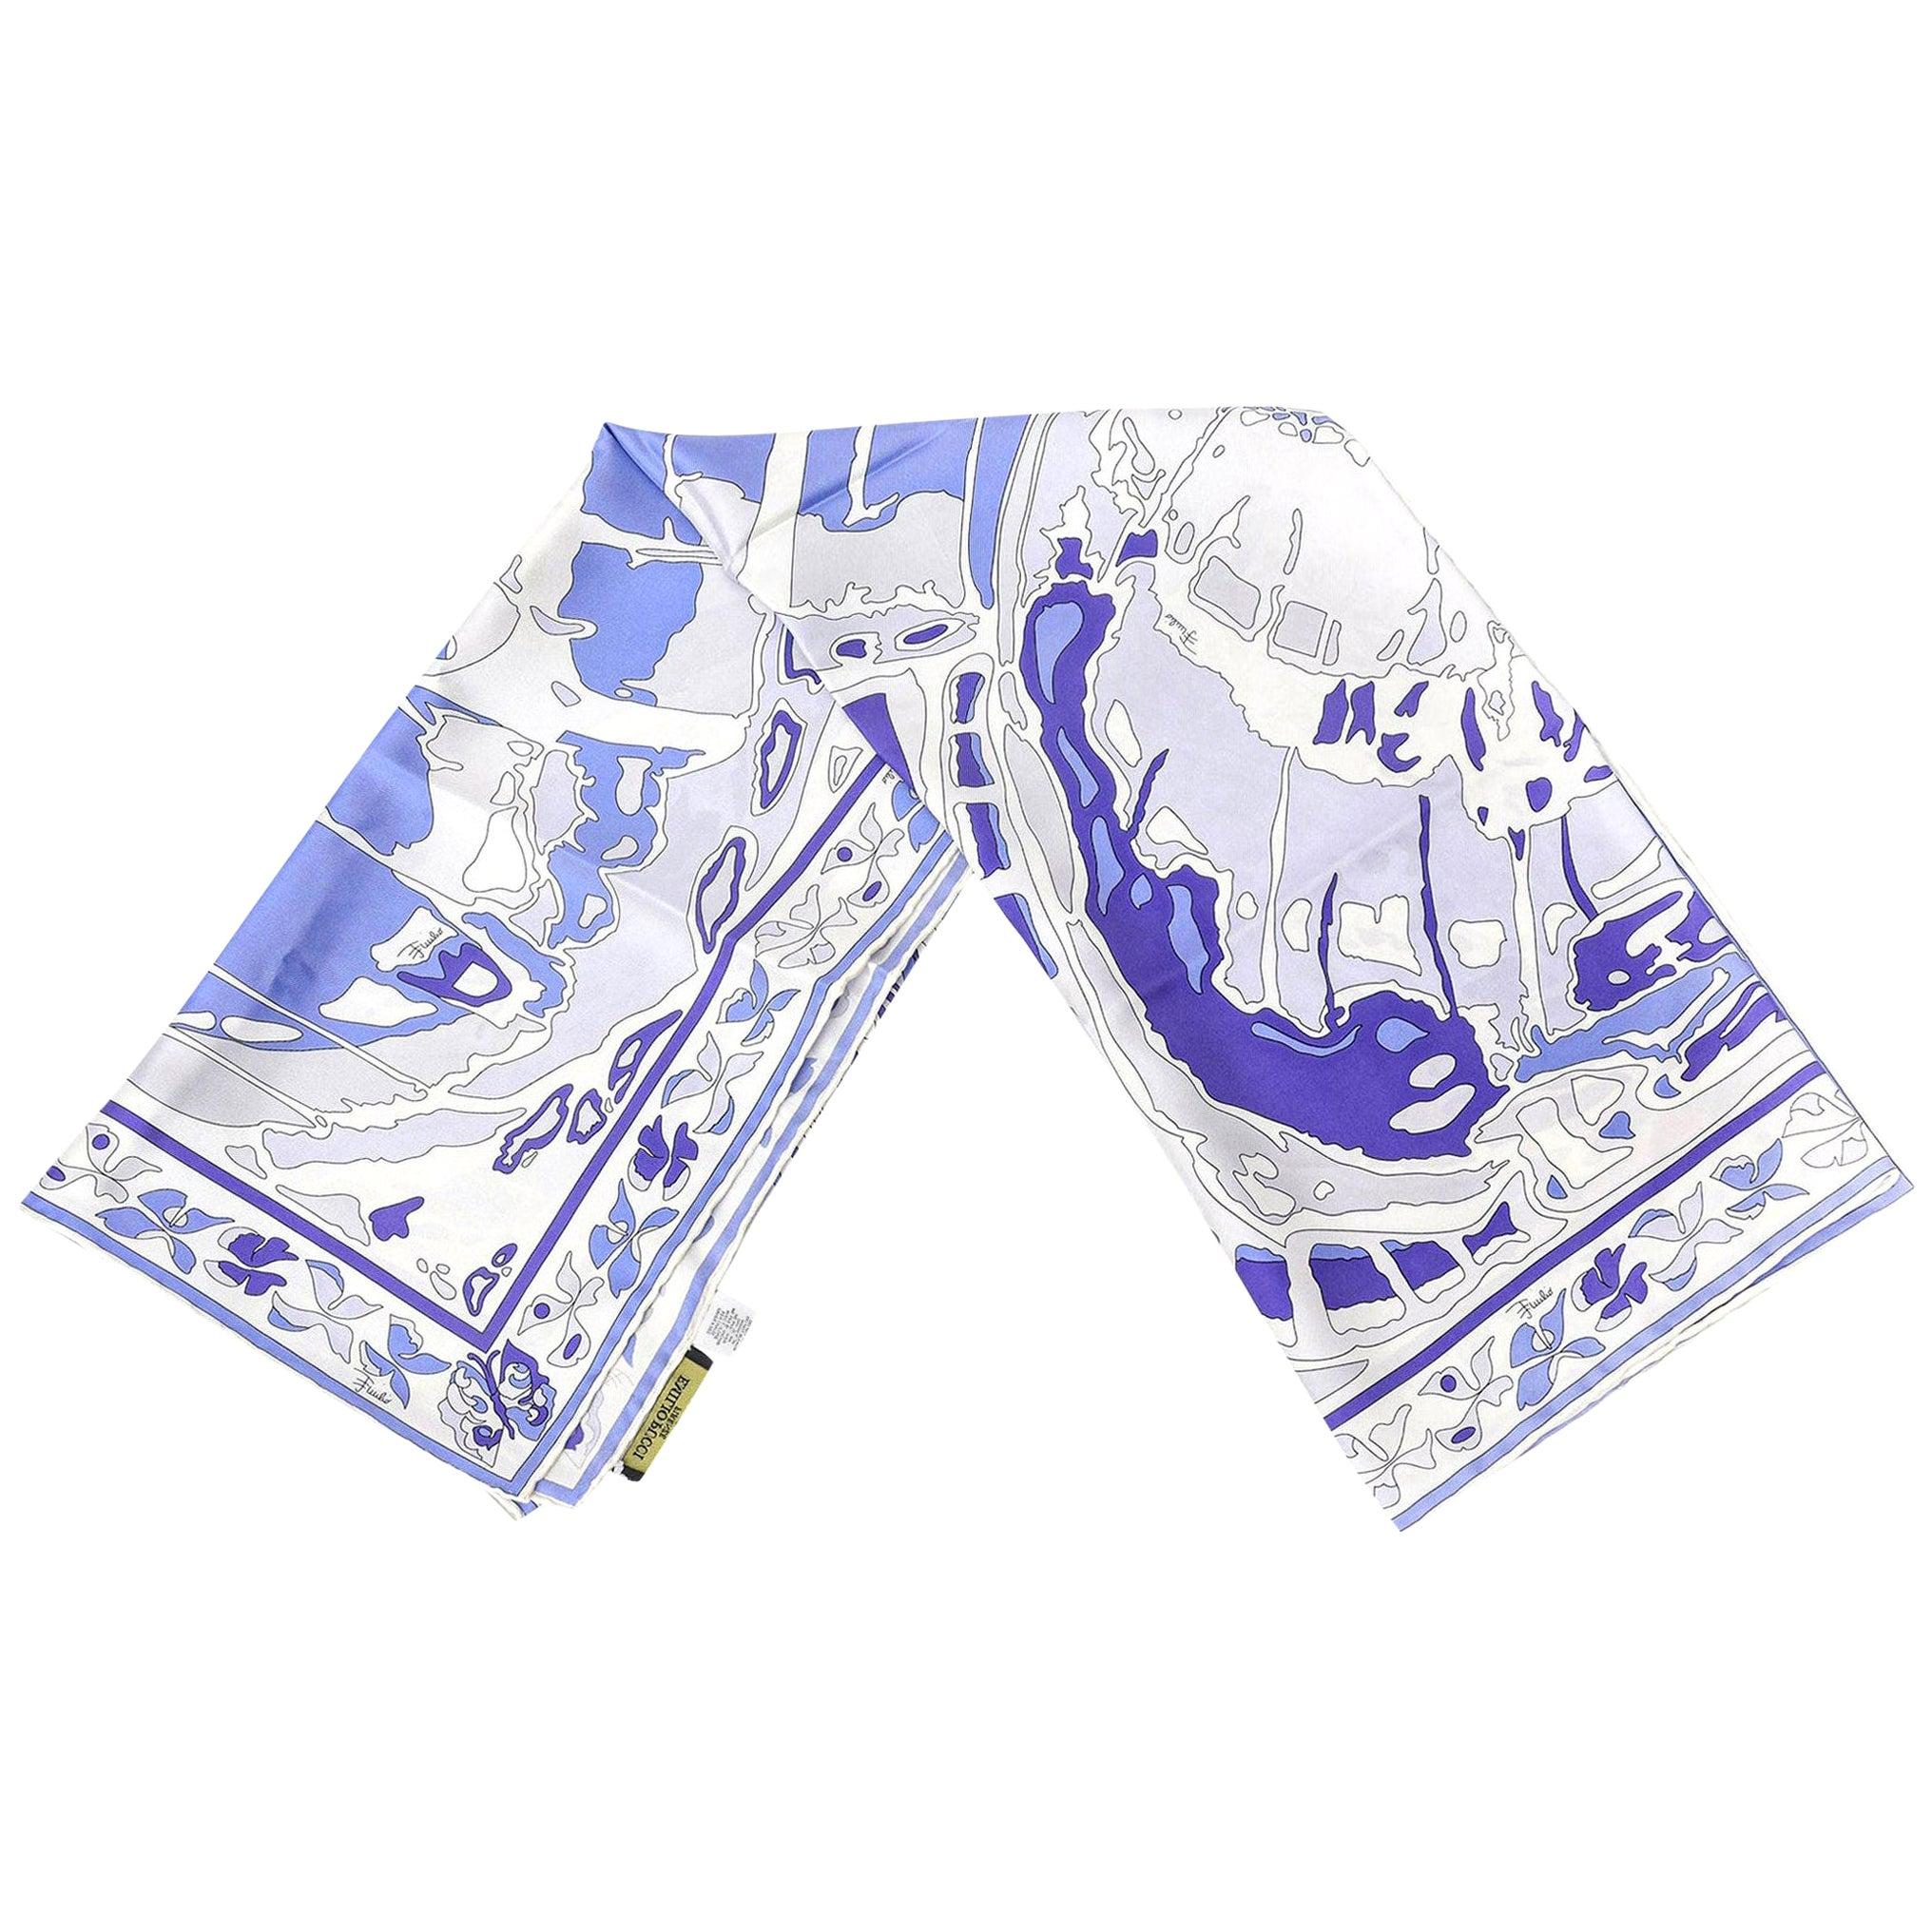 Emilio Pucci Purple, Blue and White Silk  Square Scarf Vintage Italian